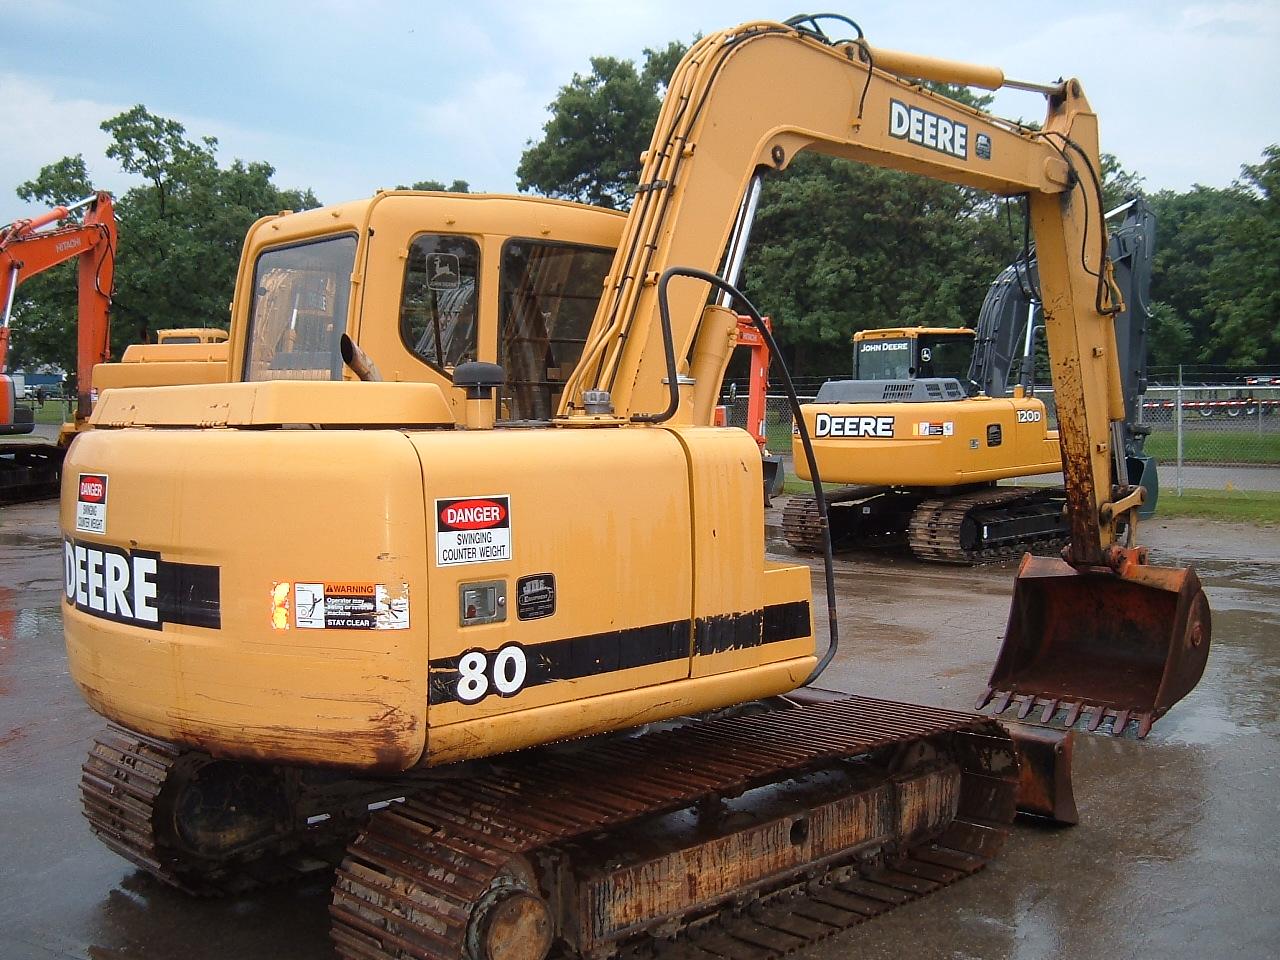 2000 John Deere 80 Excavator - John Deere MachineFinder